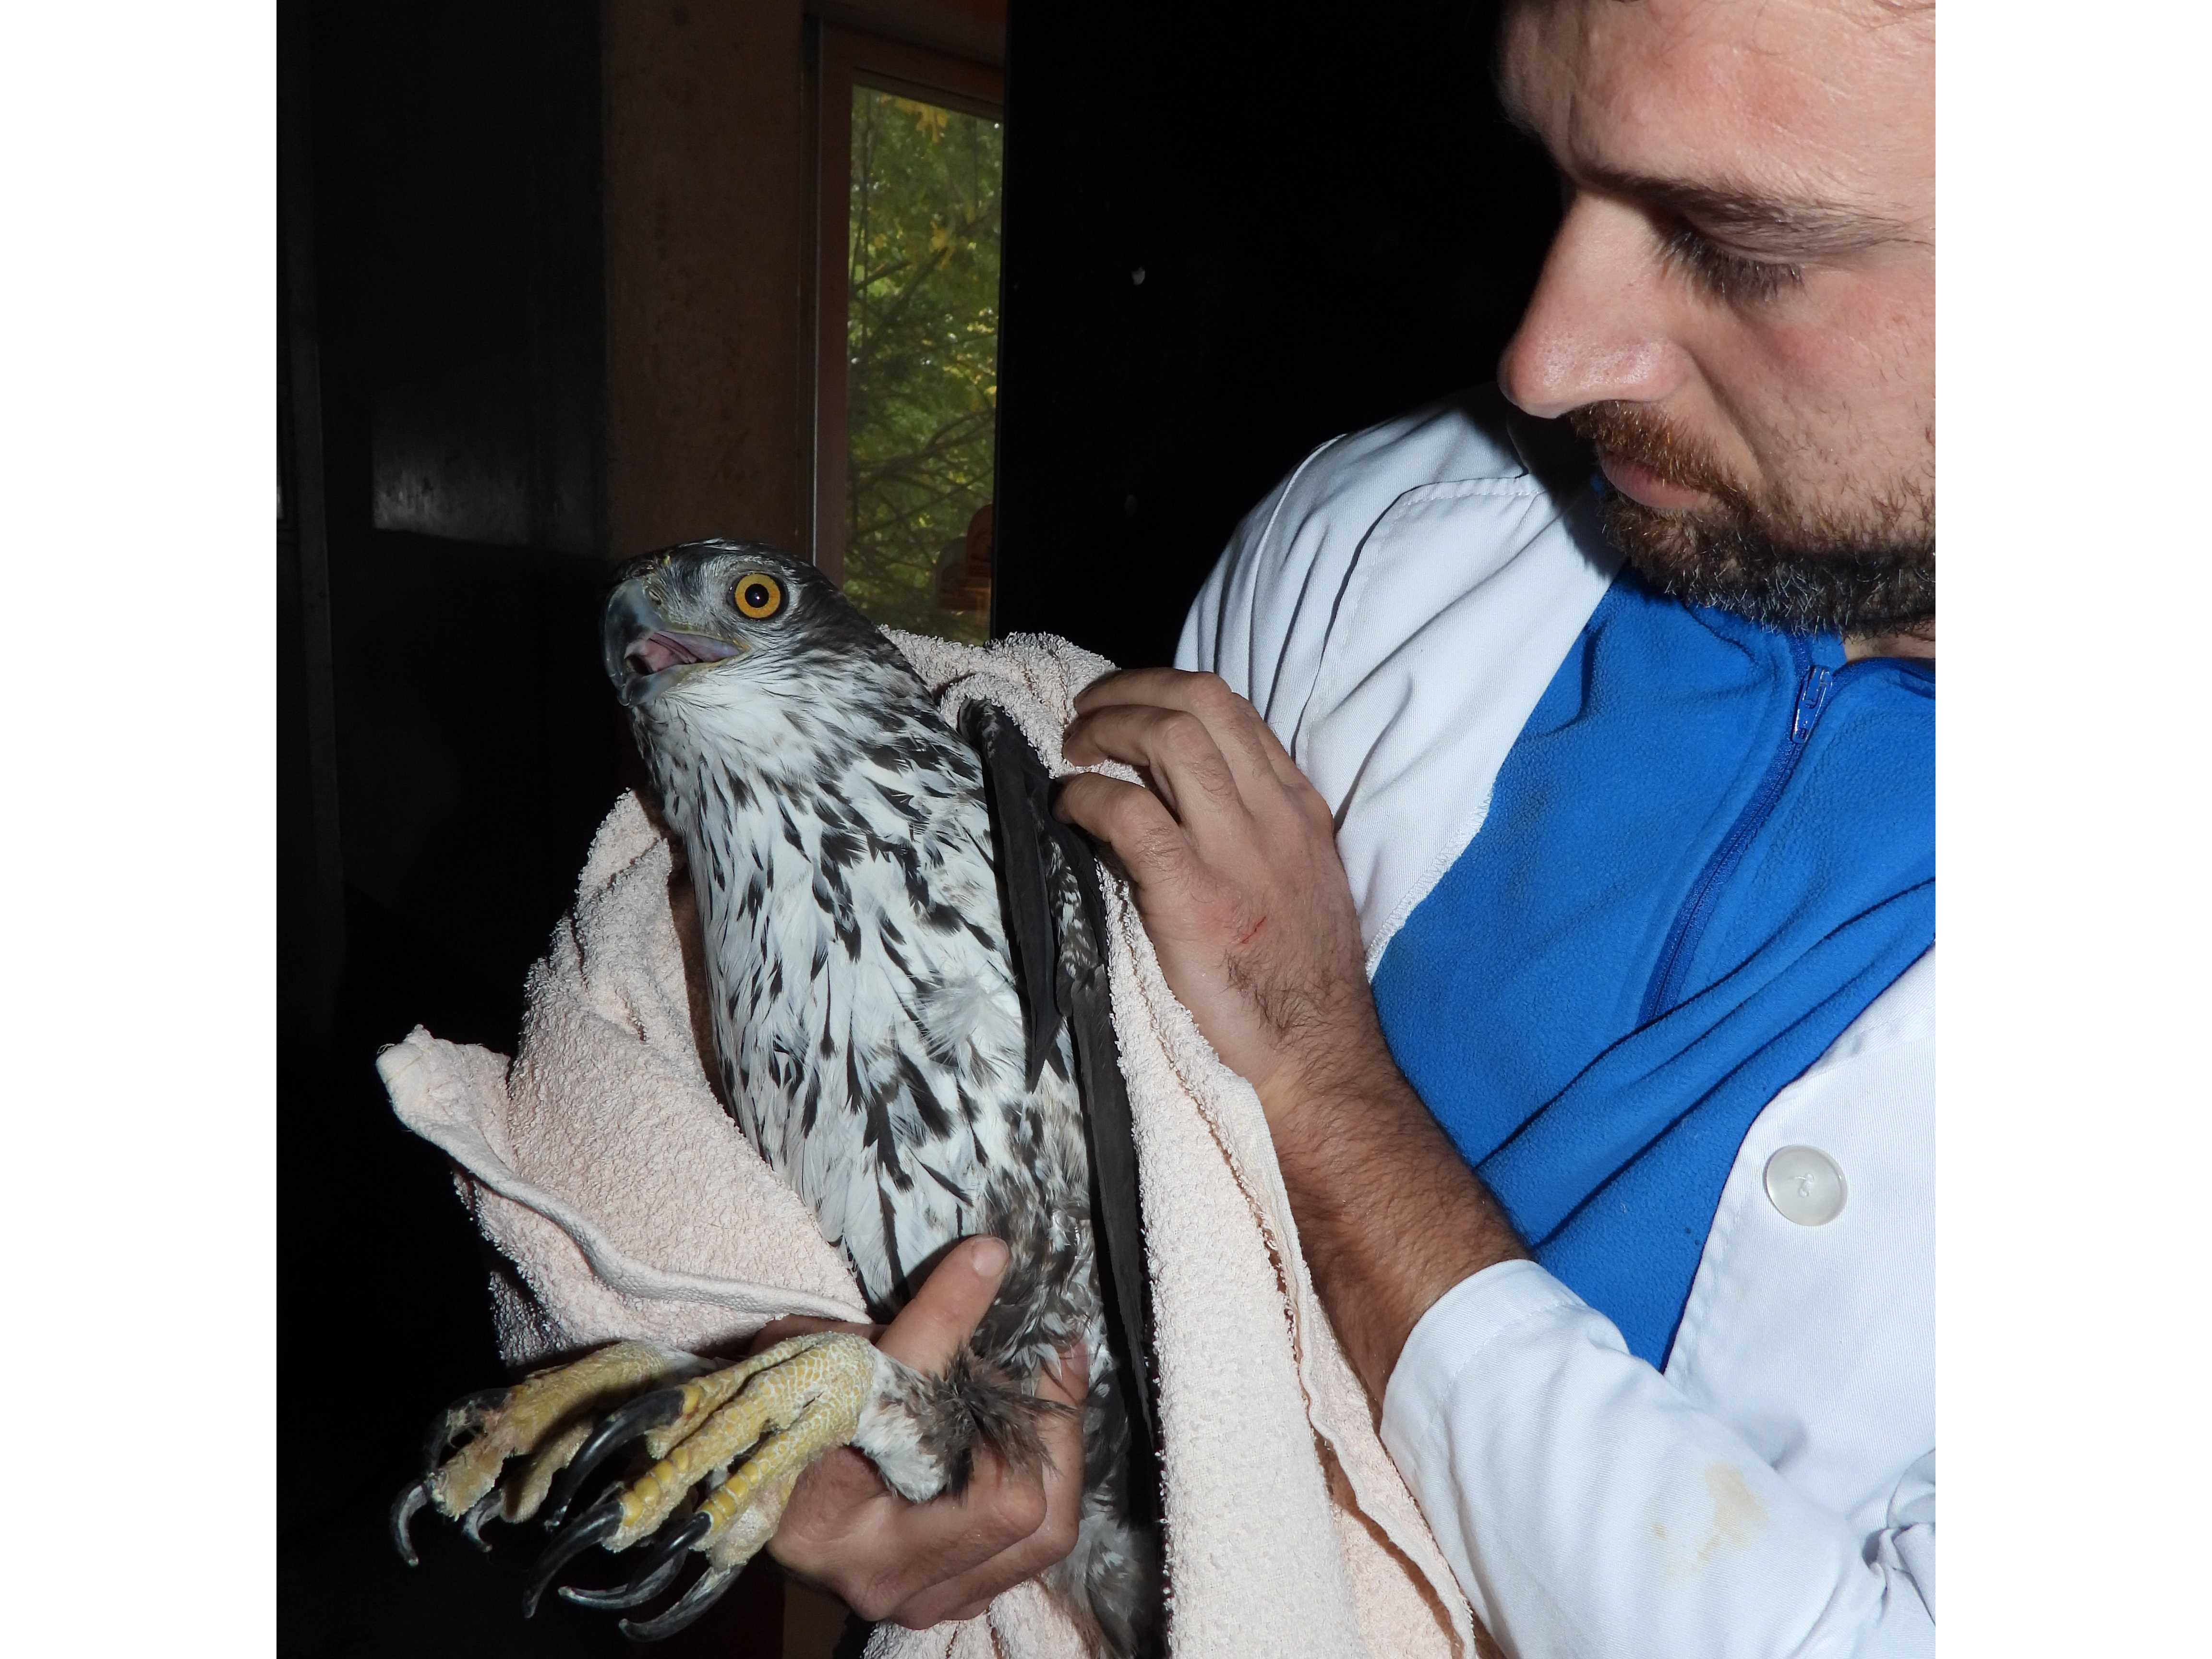 Las dos águilas de Bonelli decomisadas en Bulgaria, tras llegar al centro de recuperación de Grefa en Majadahonda, Madrid. Imagen: Grefa